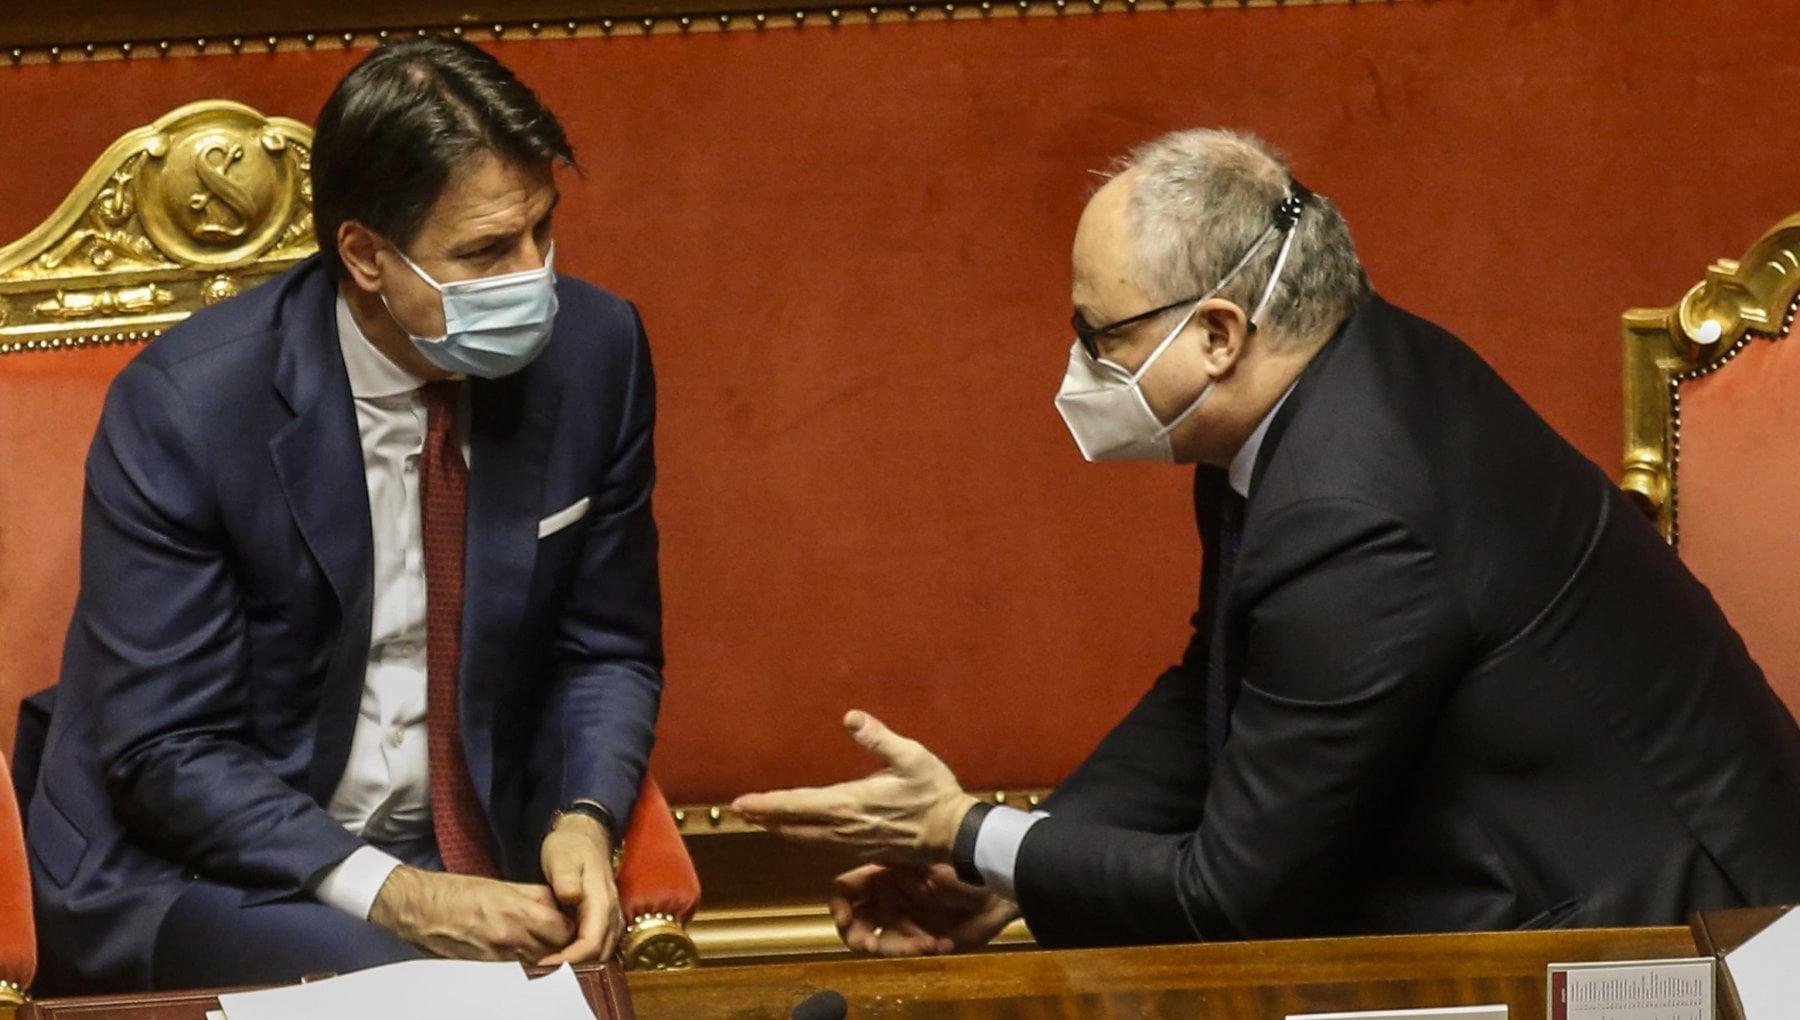 Crisi di governo Di Maio Ora e inspiegabile non interessa ne agli italiani ne allestero. Alle 21.30 il cdm per dare lok al Recovery plan